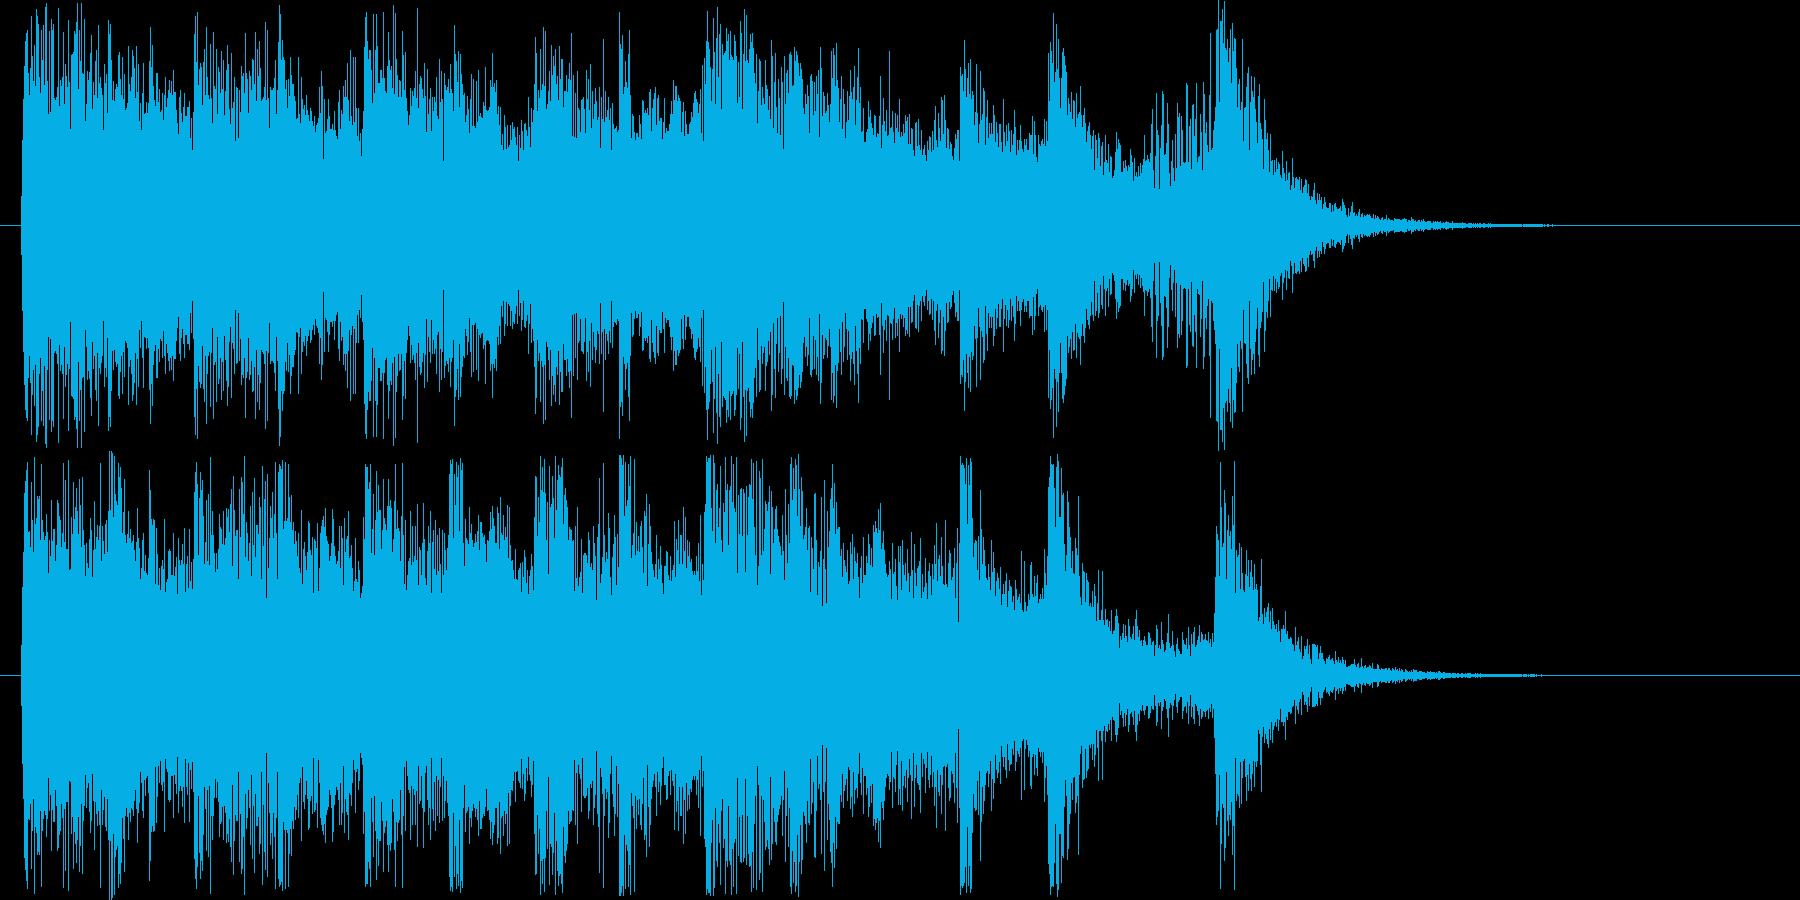 楽しげなオーケストラシンセの再生済みの波形